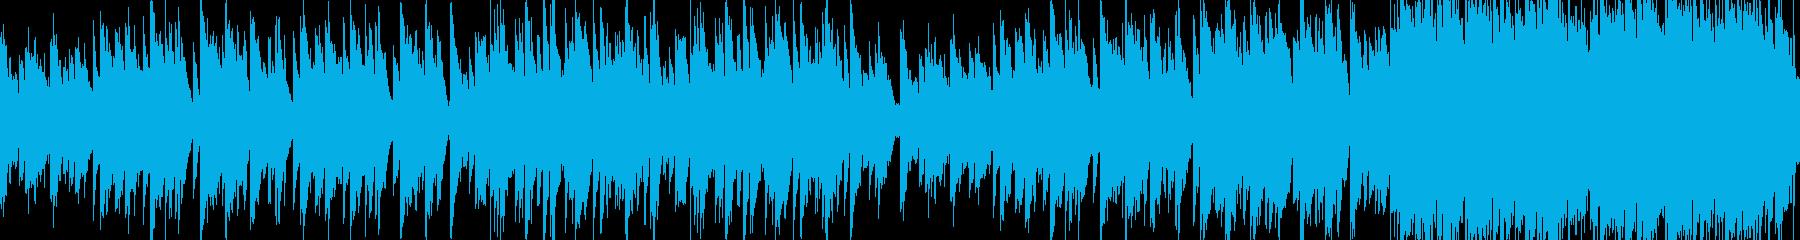 懐かしさを感じるアコースティック曲ループの再生済みの波形